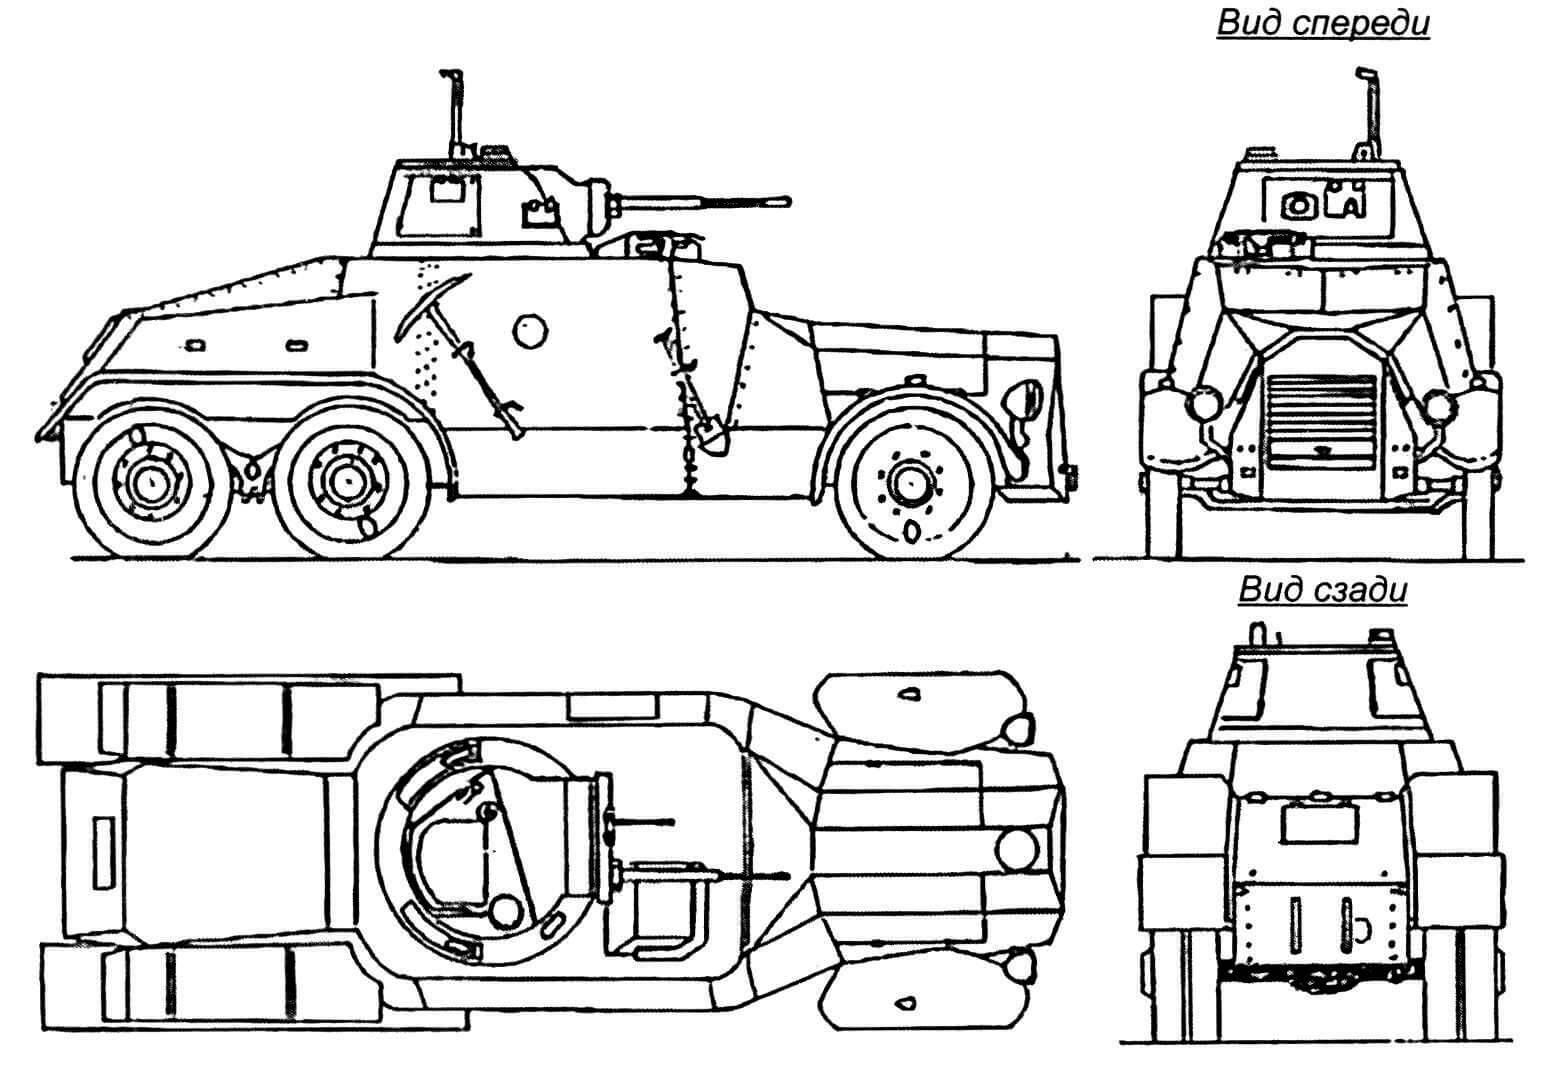 «Лейланд» A.L.V. 1 до модернизации 1957 года